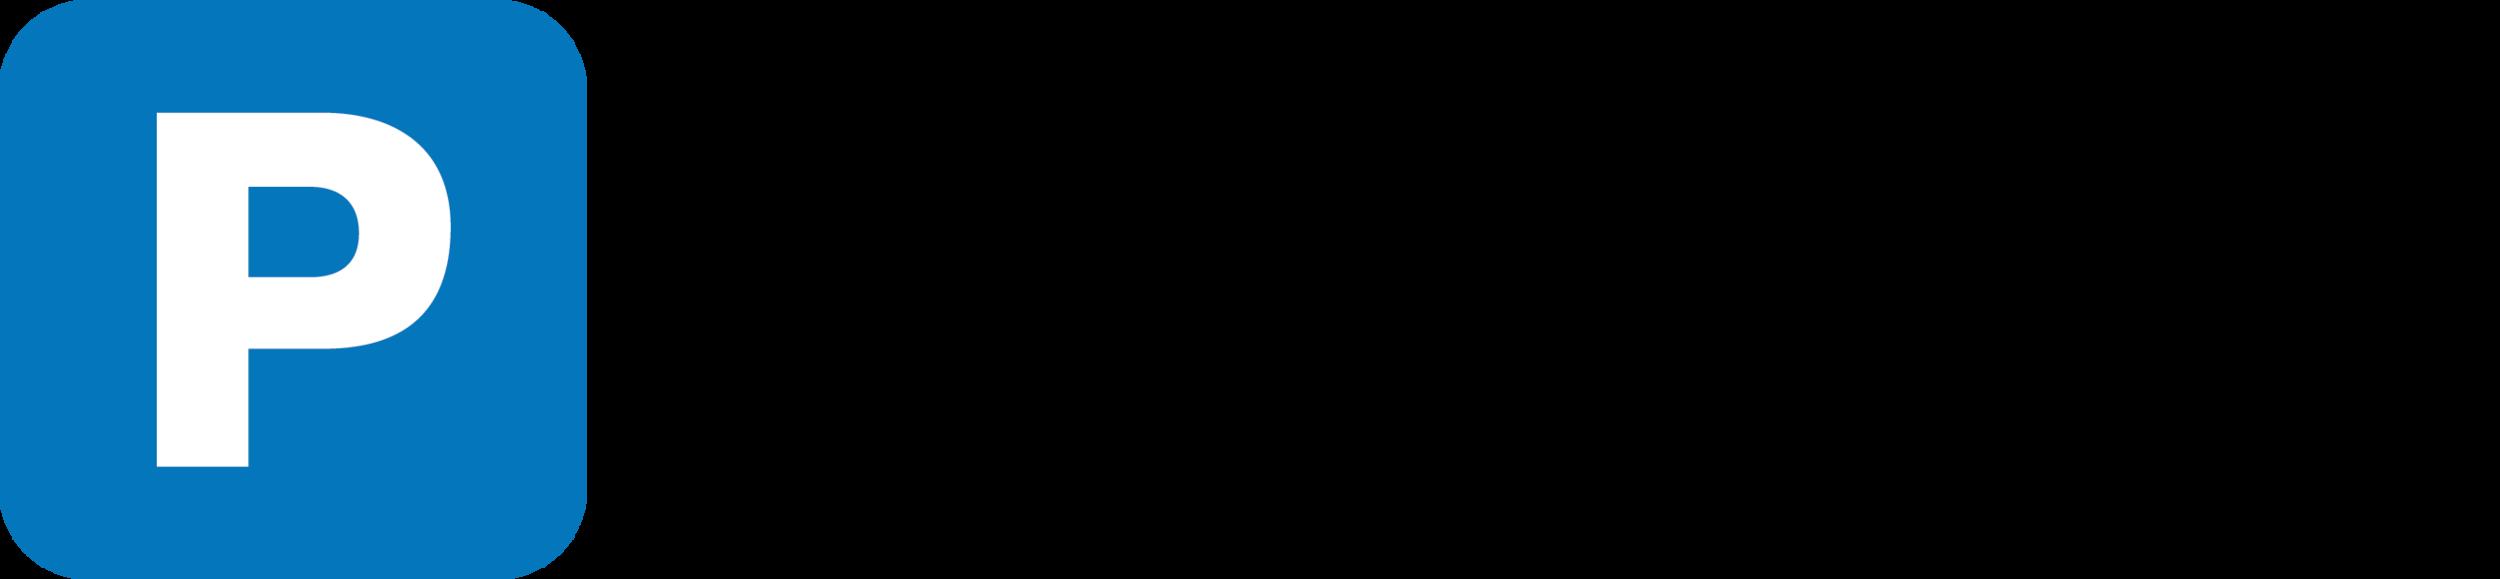 ParkMate logo black text.png